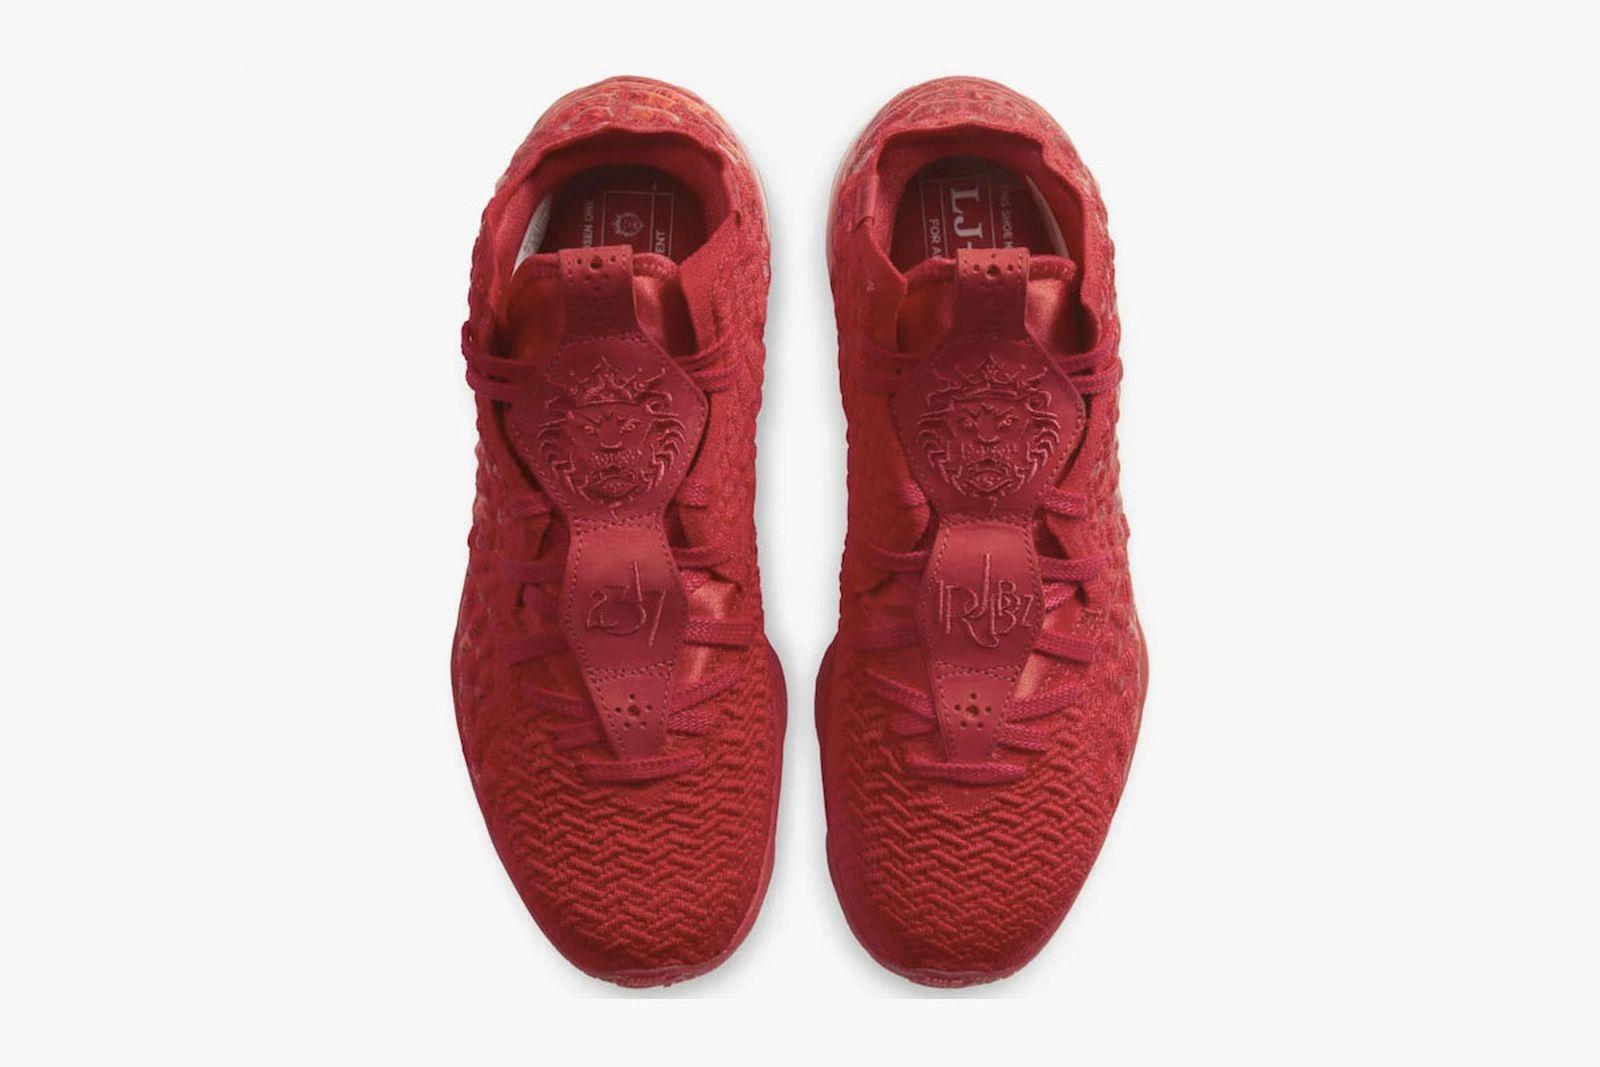 Nike LeBron 17 Red Carpet